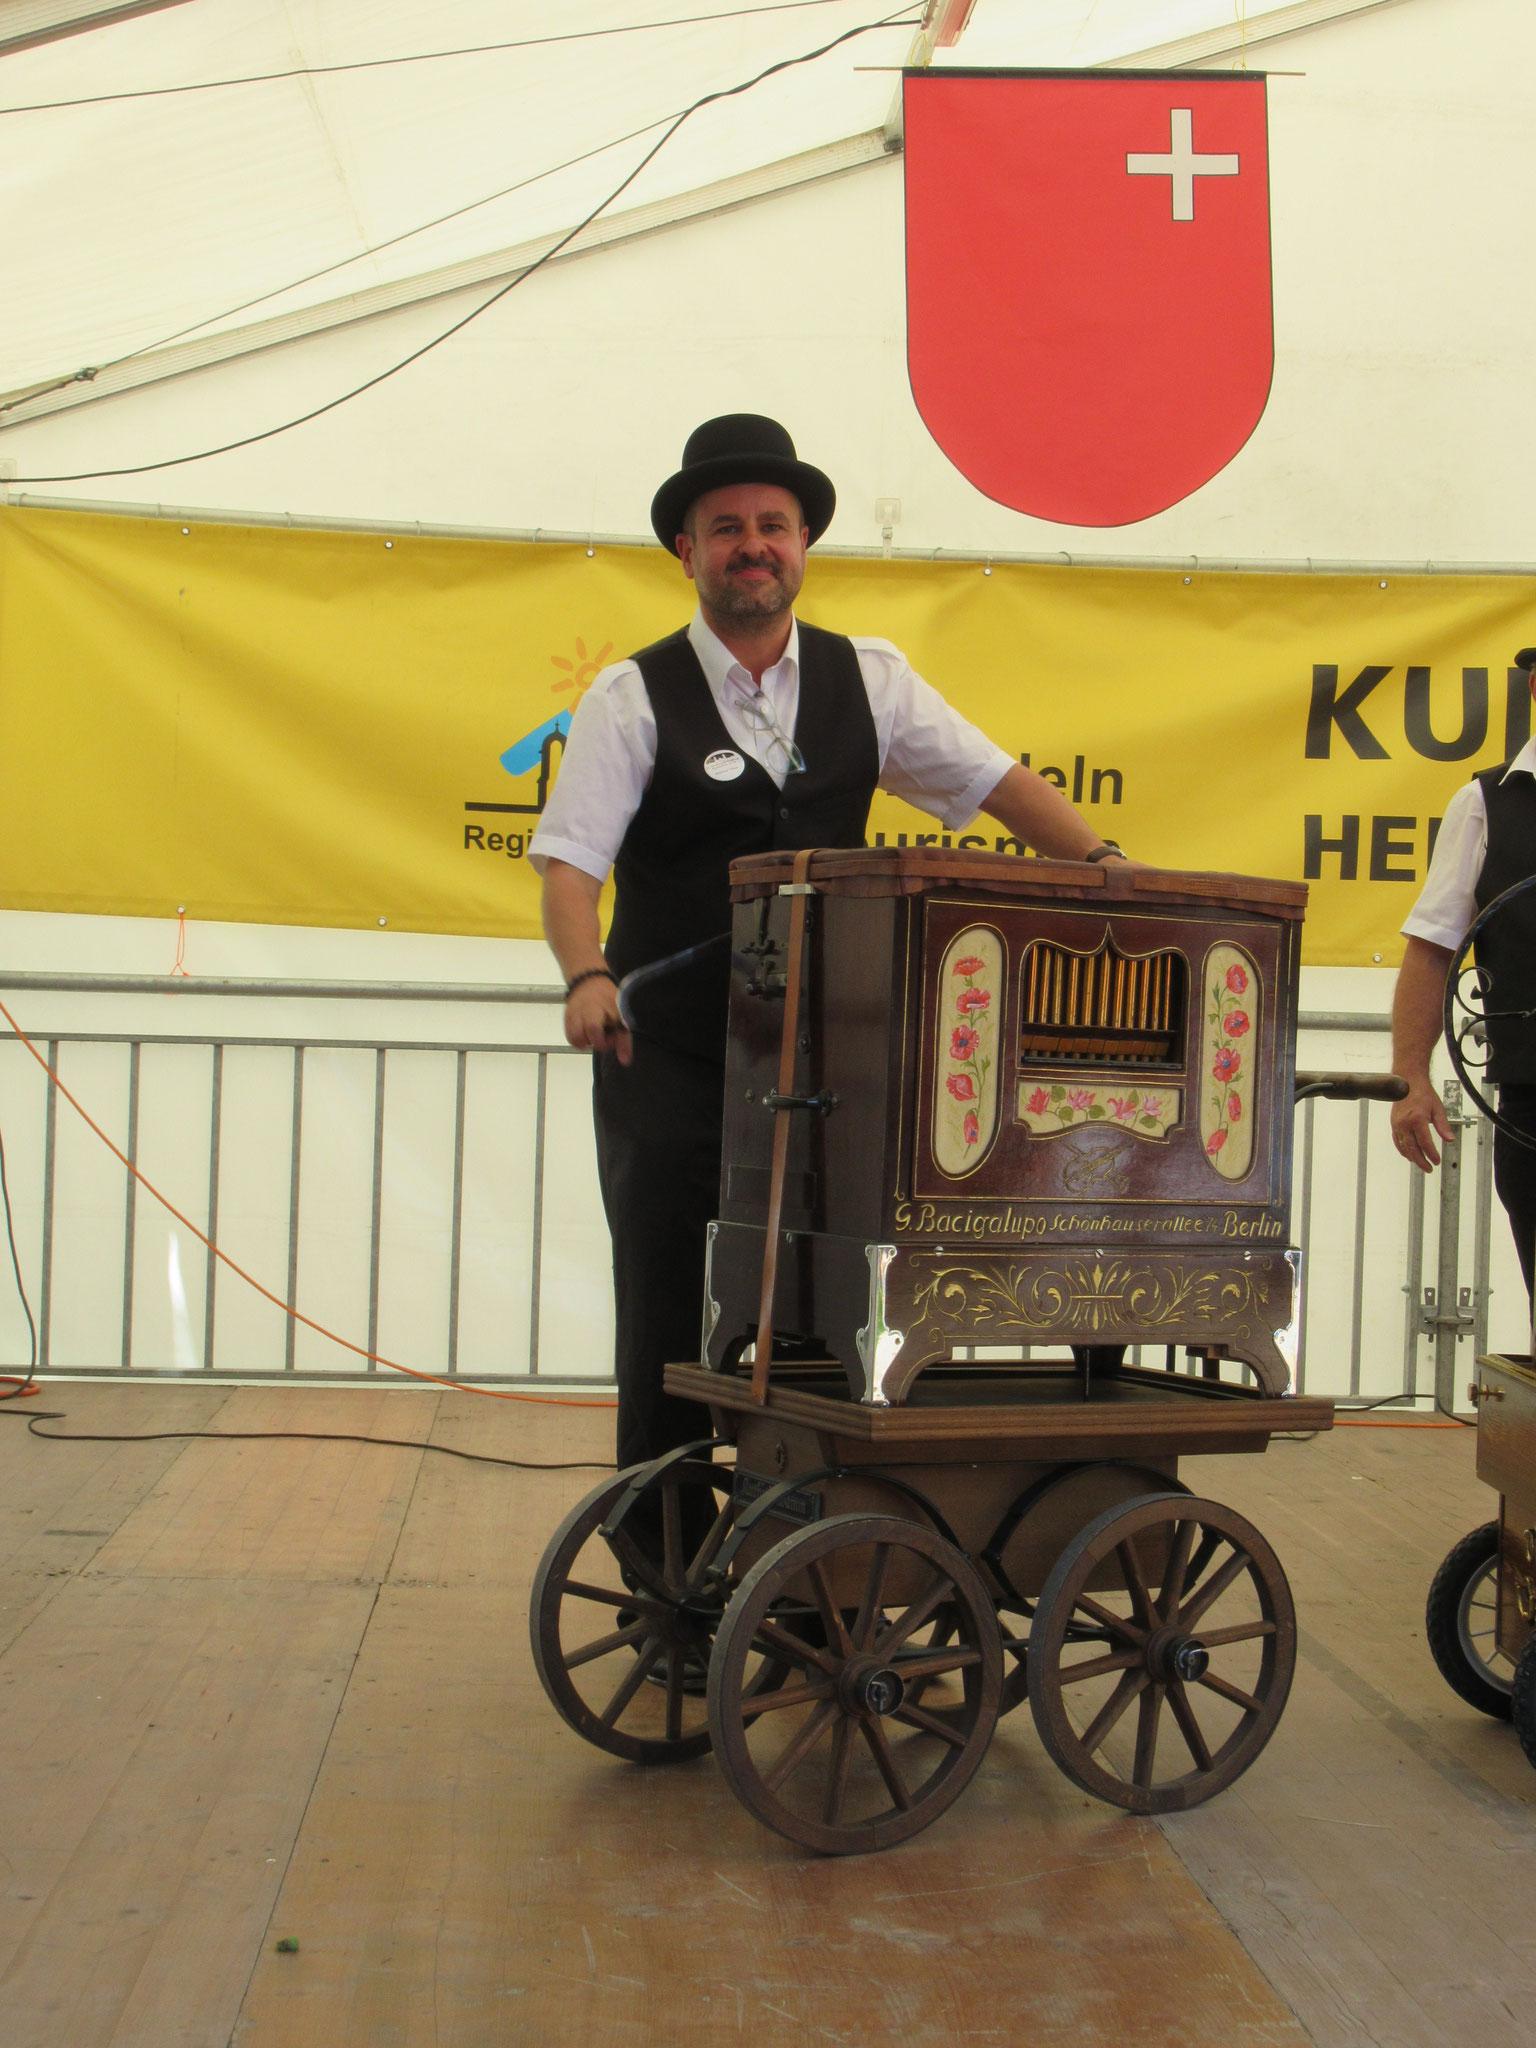 Für das Festival extra aus Köln angereist.